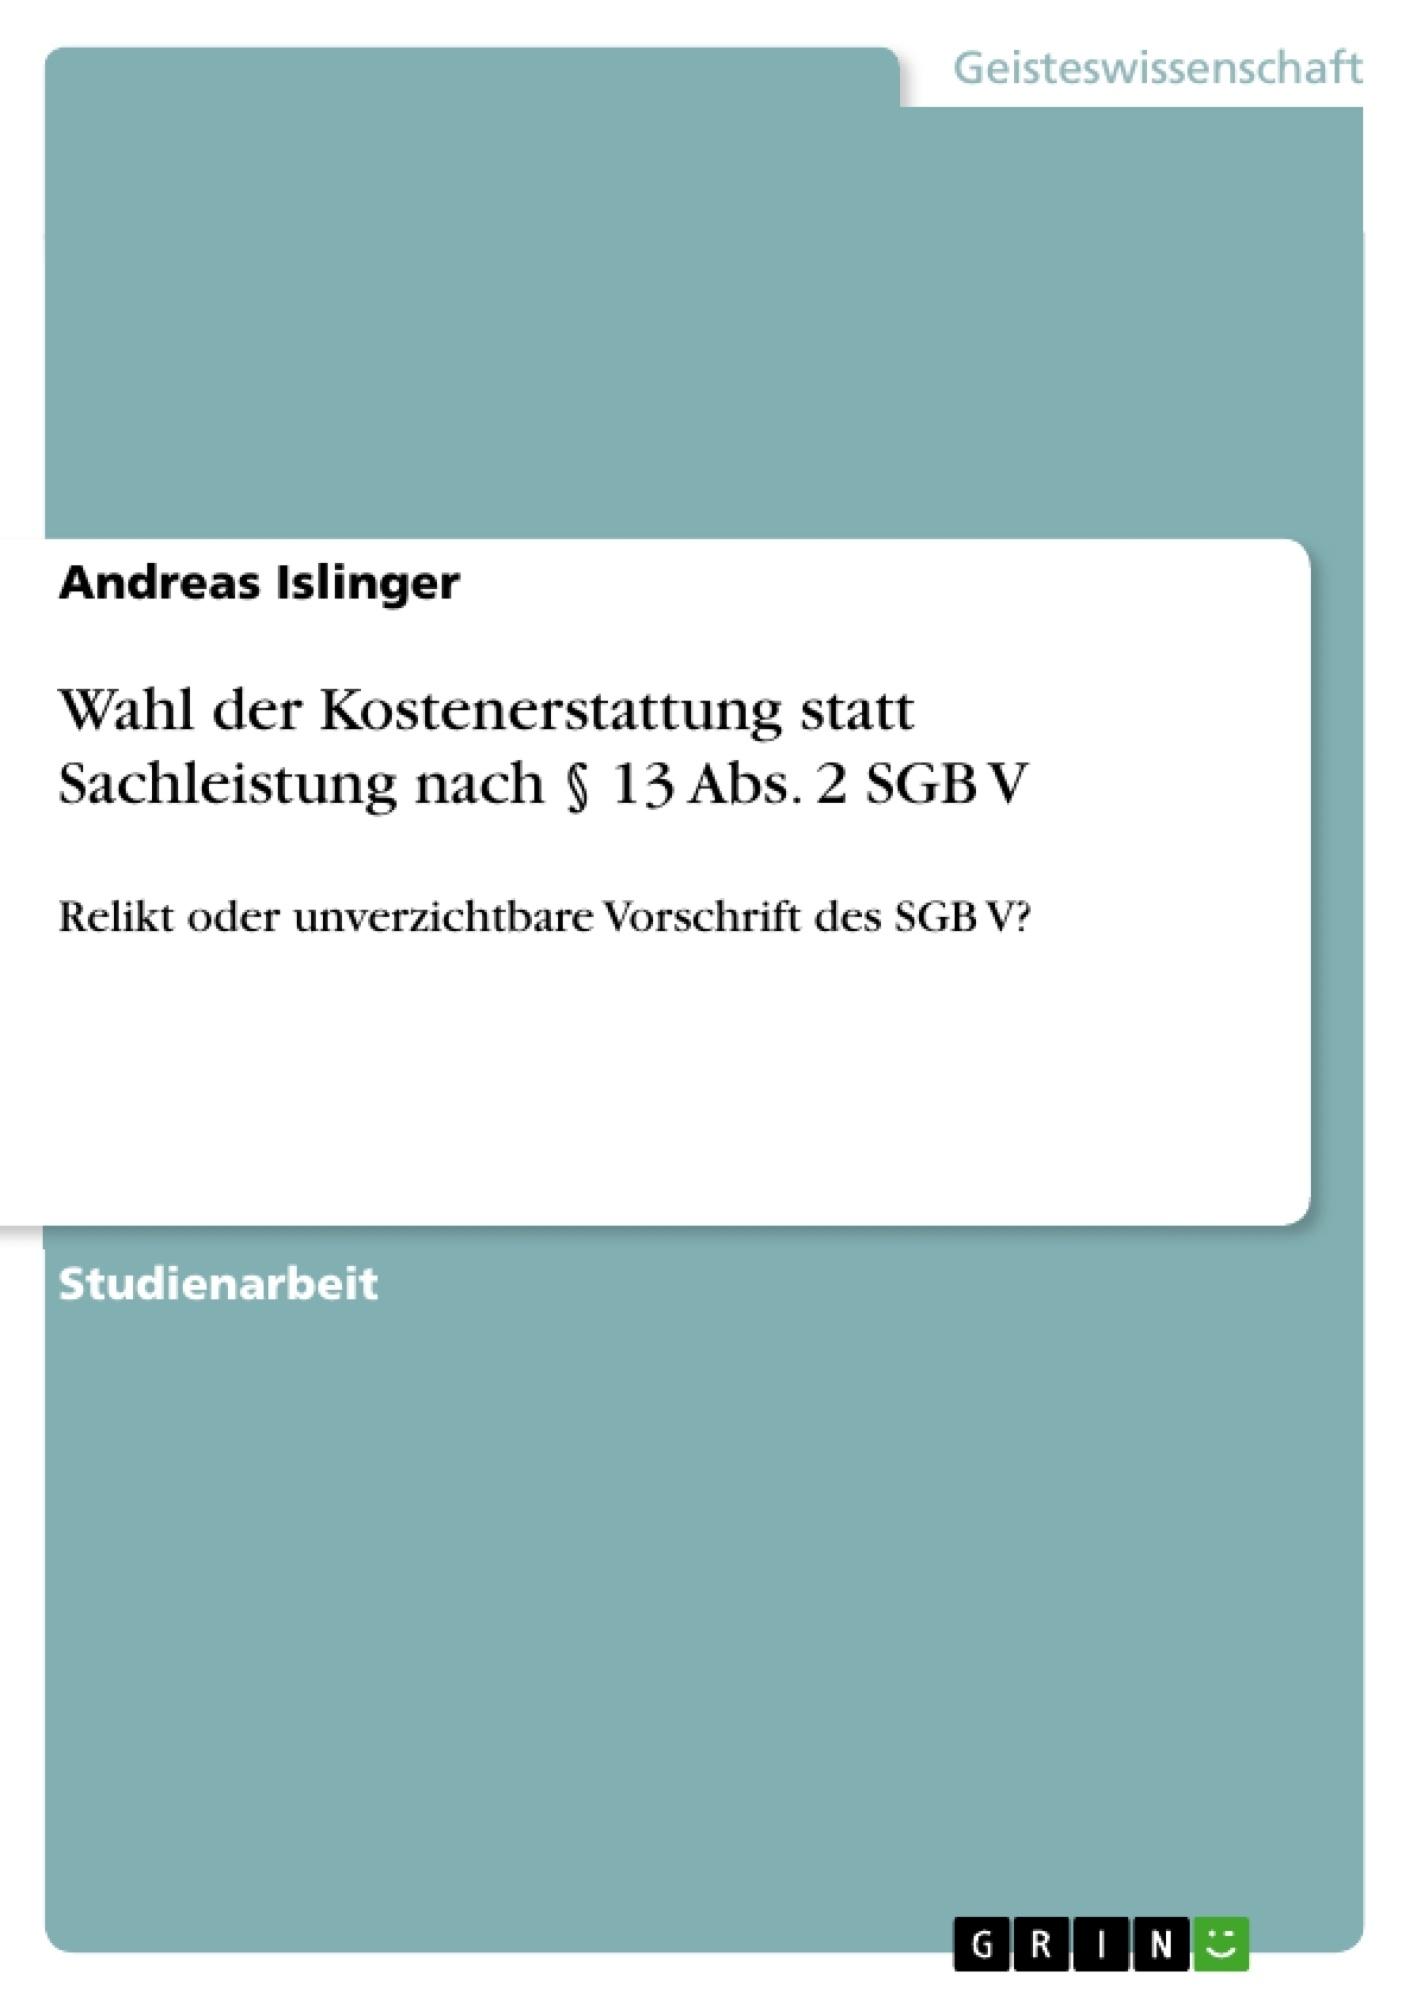 Titel: Wahl der Kostenerstattung statt Sachleistung nach § 13 Abs. 2 SGB V